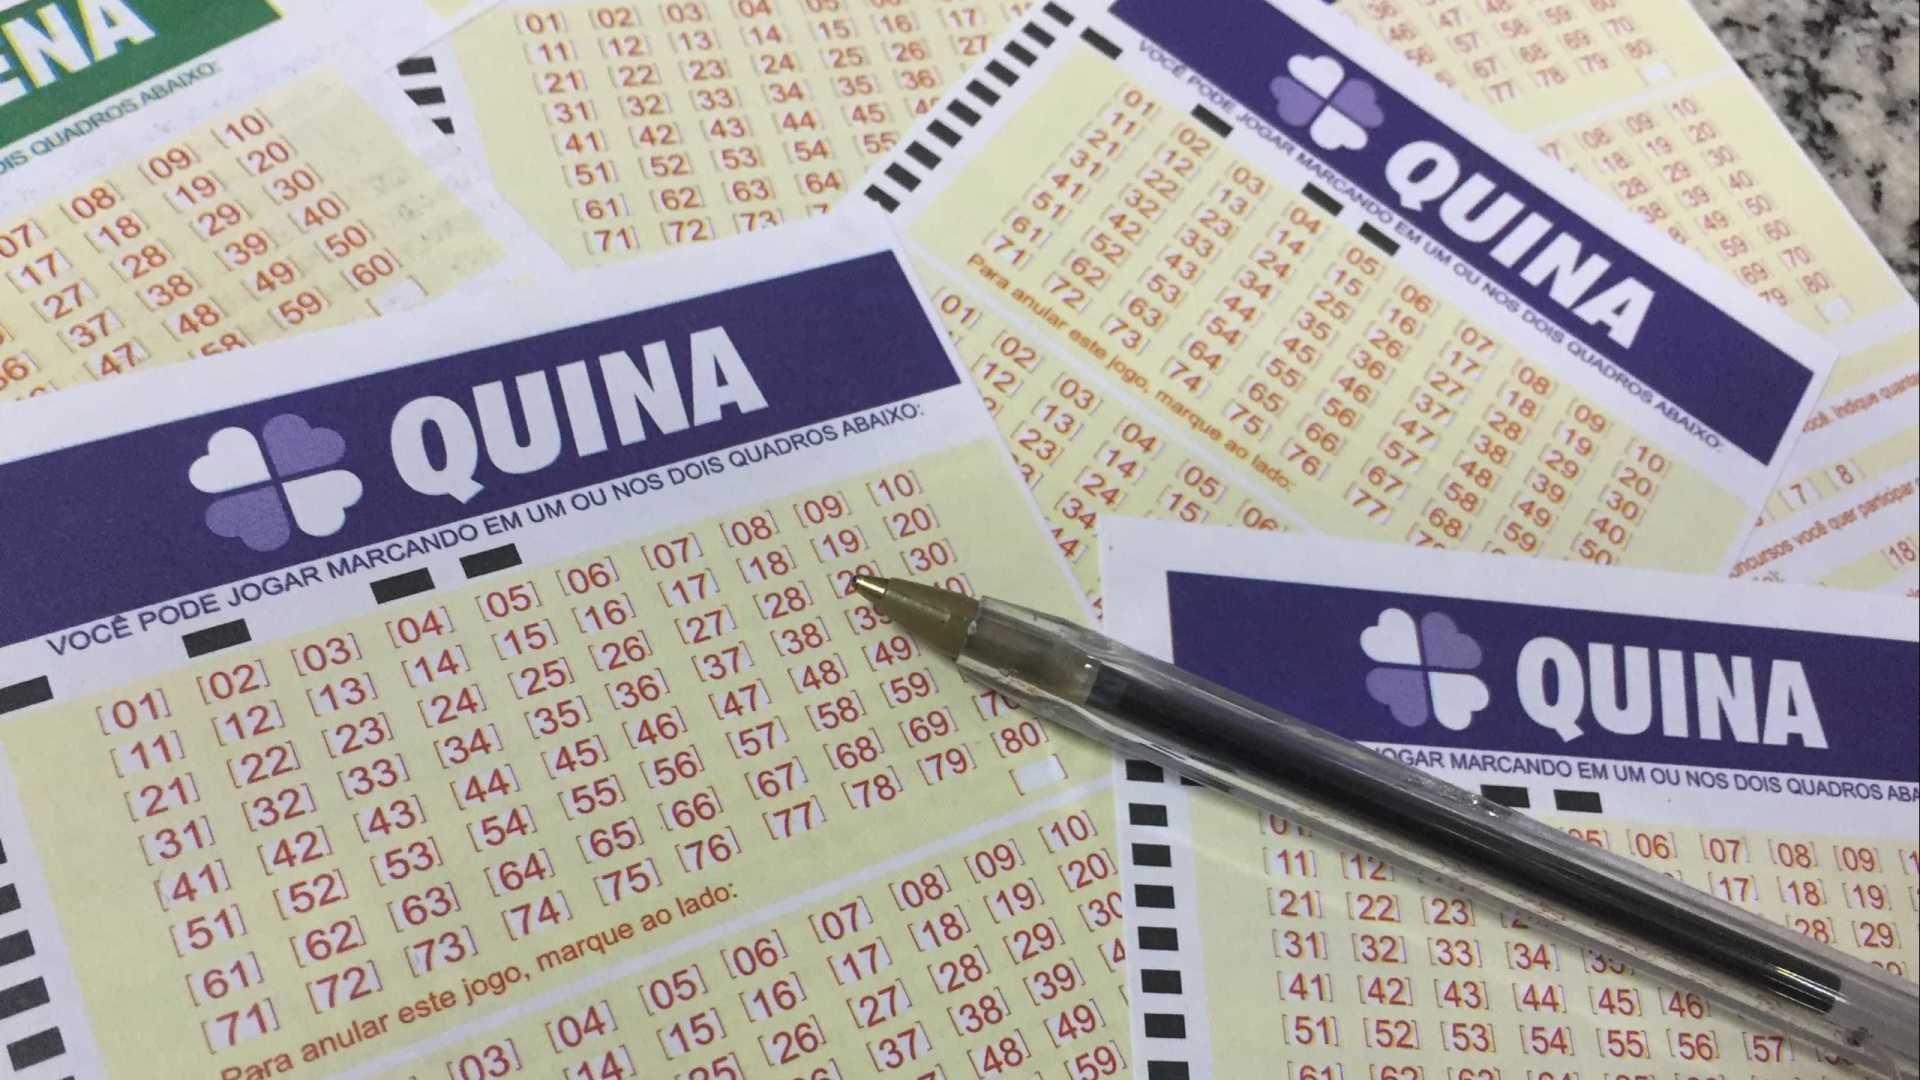 Quina concurso 5419 - a imagem mostra diversos volantes da Quina e uma caneta